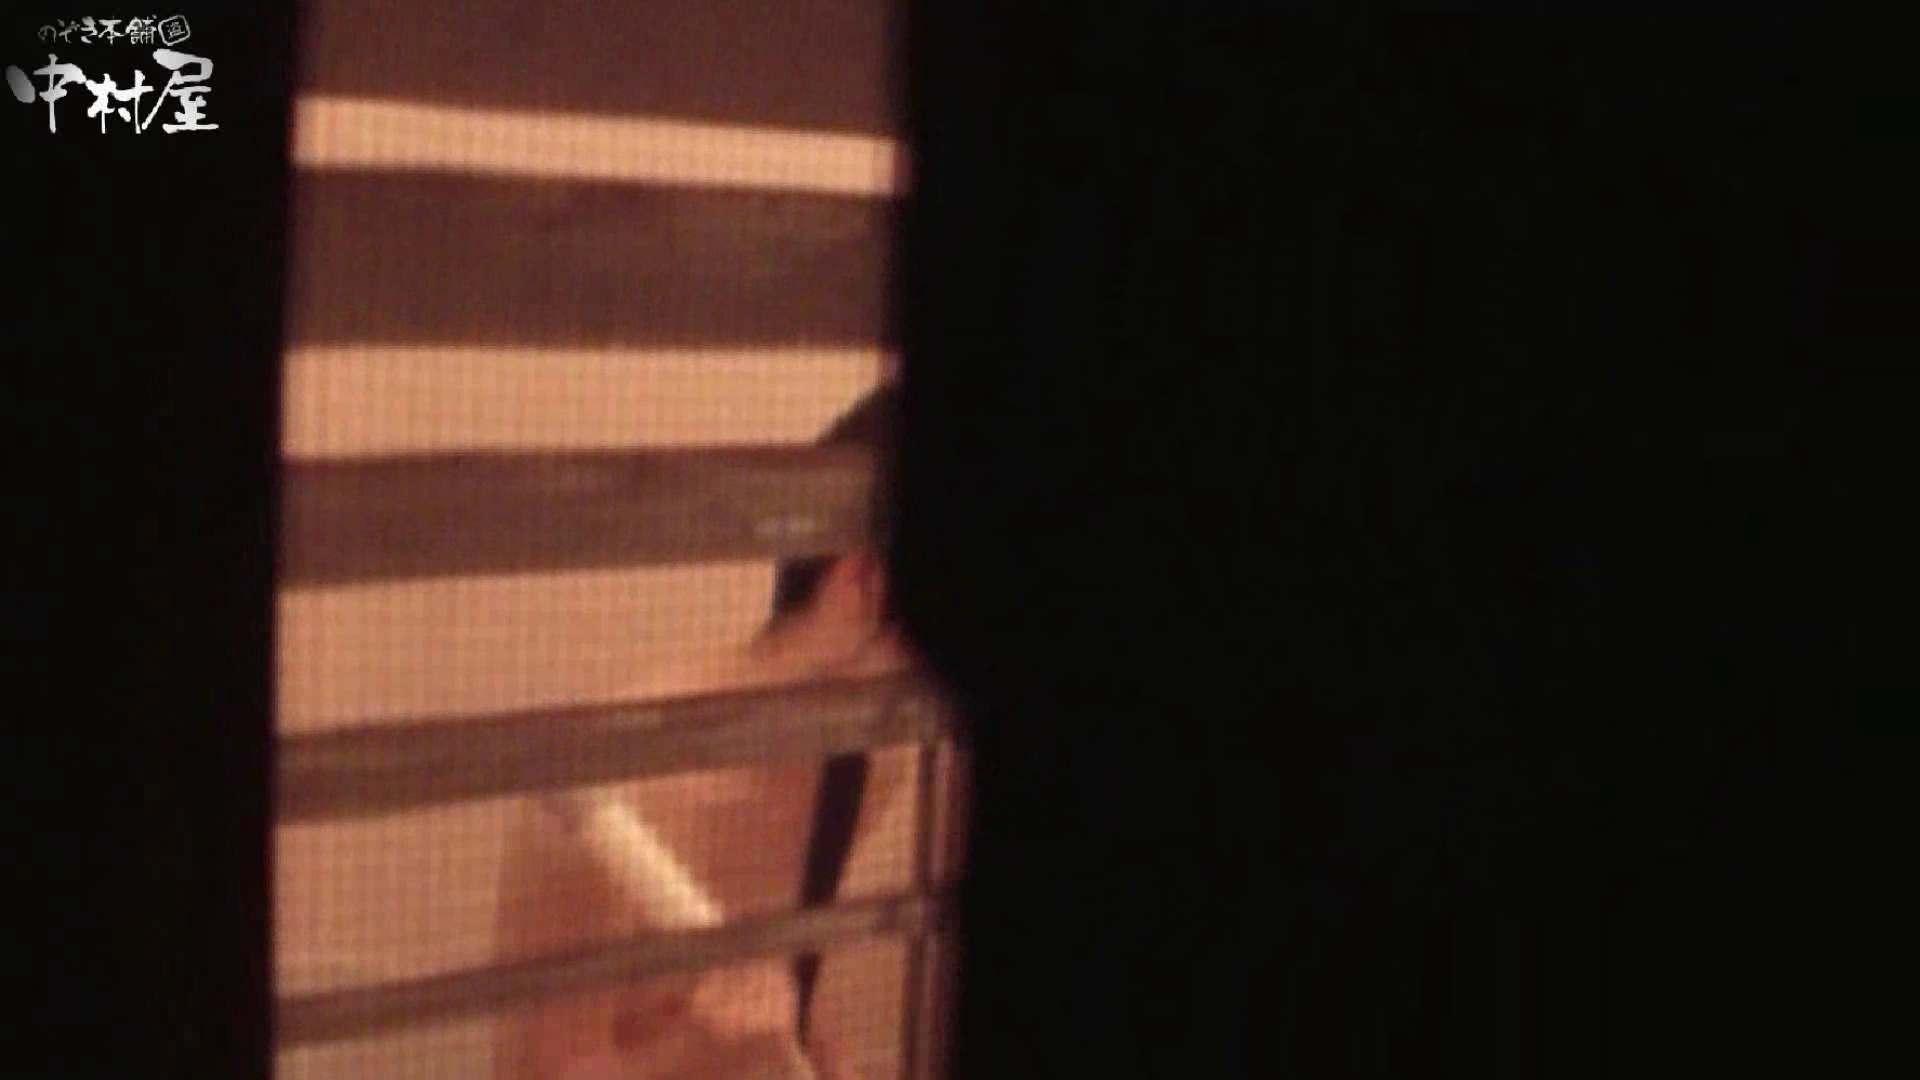 民家風呂専門盗撮師の超危険映像 vol.012 美女 エロ画像 94連発 52